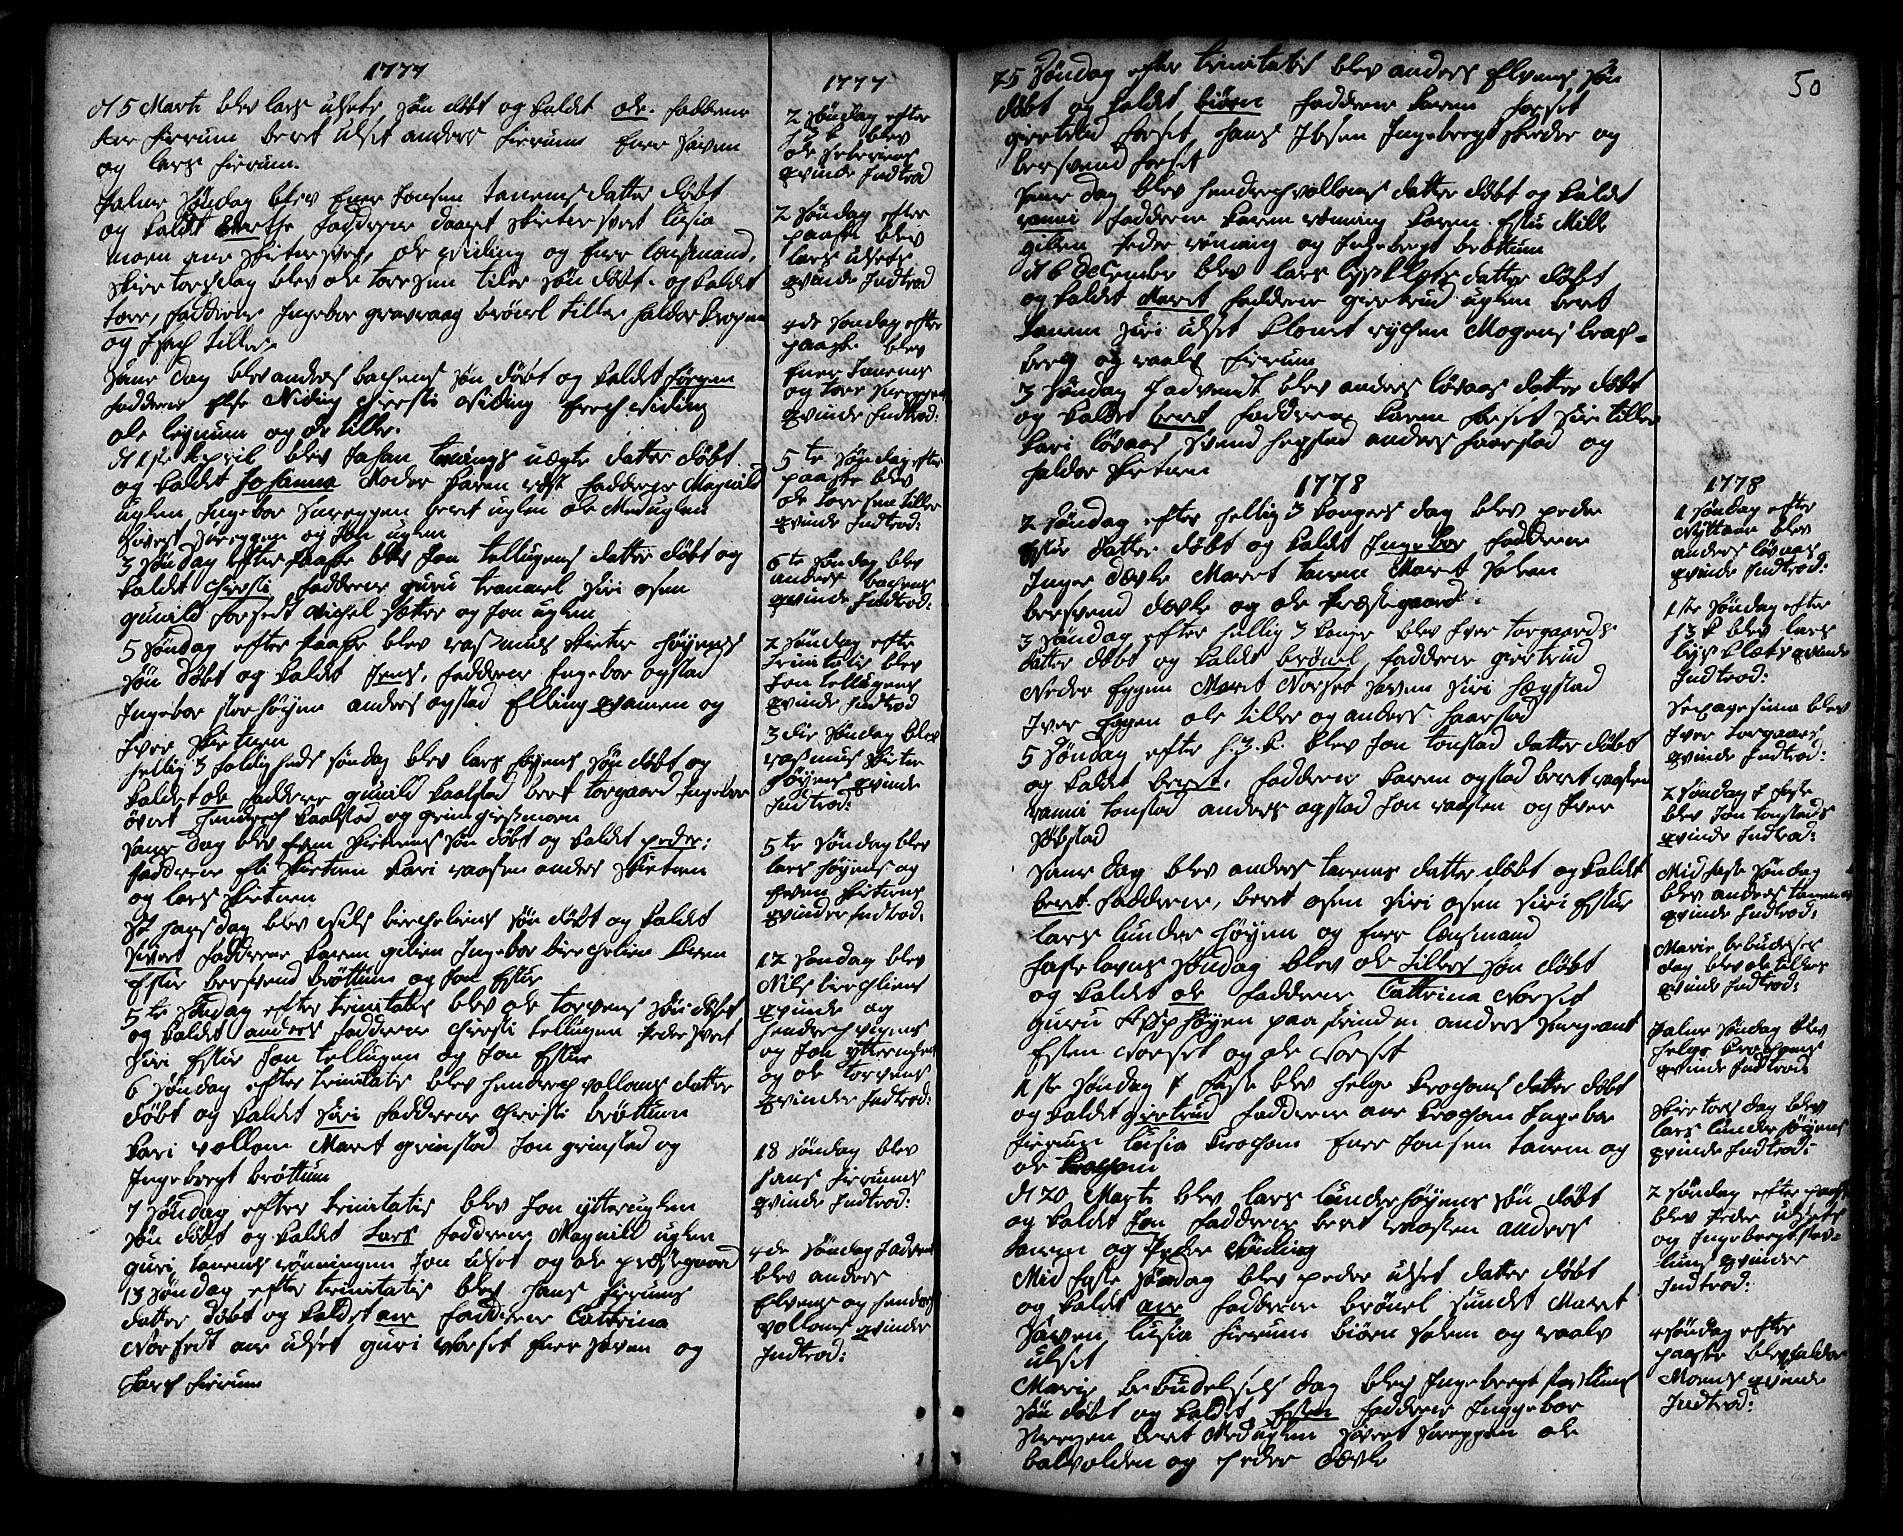 SAT, Ministerialprotokoller, klokkerbøker og fødselsregistre - Sør-Trøndelag, 618/L0437: Ministerialbok nr. 618A02, 1749-1782, s. 50